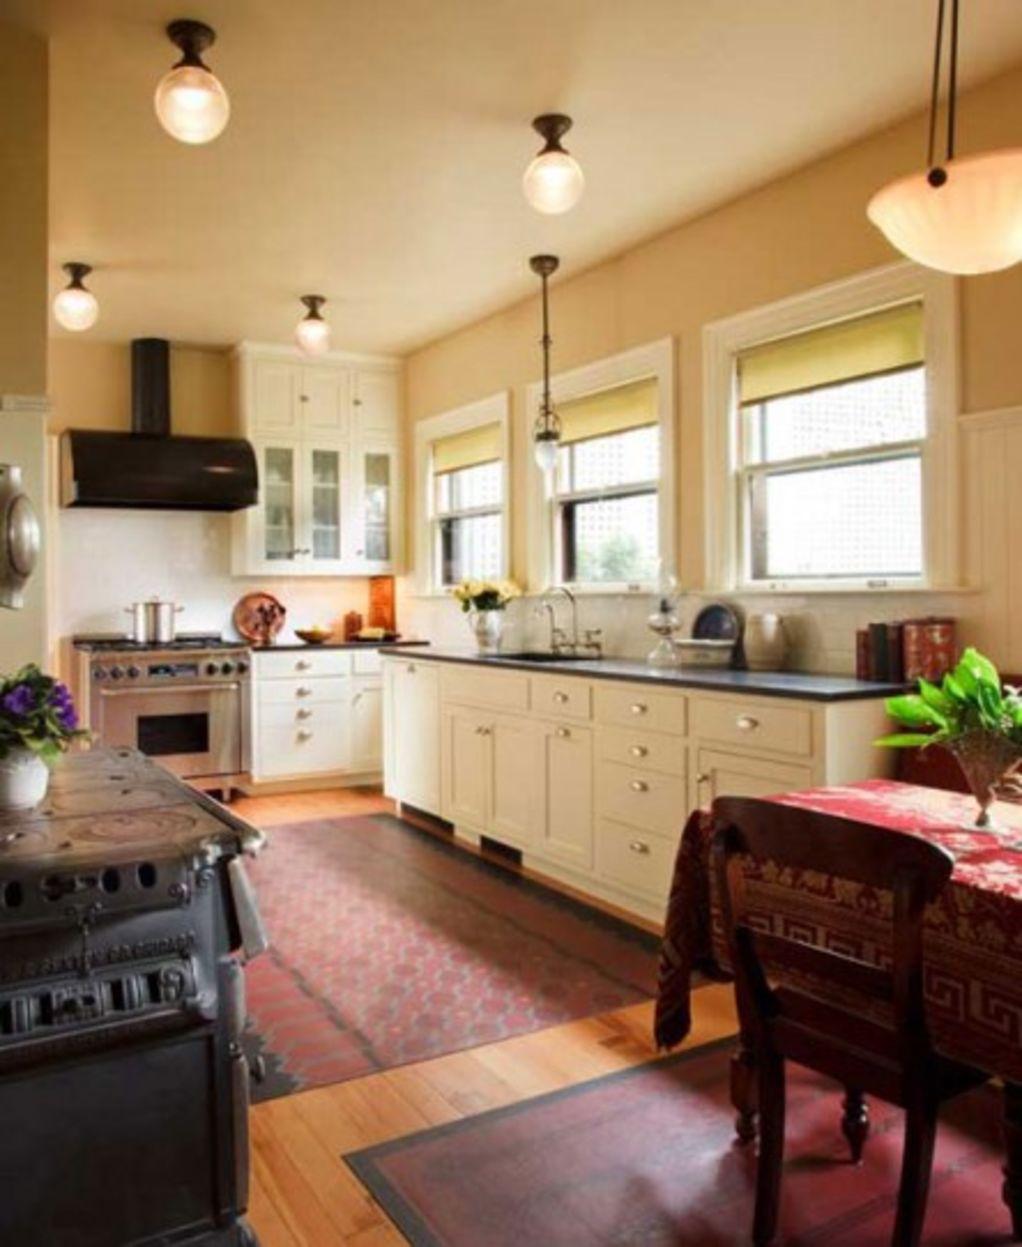 1920s Kitchen Curtains: Bungalow Kitchen, 1920s Kitchen